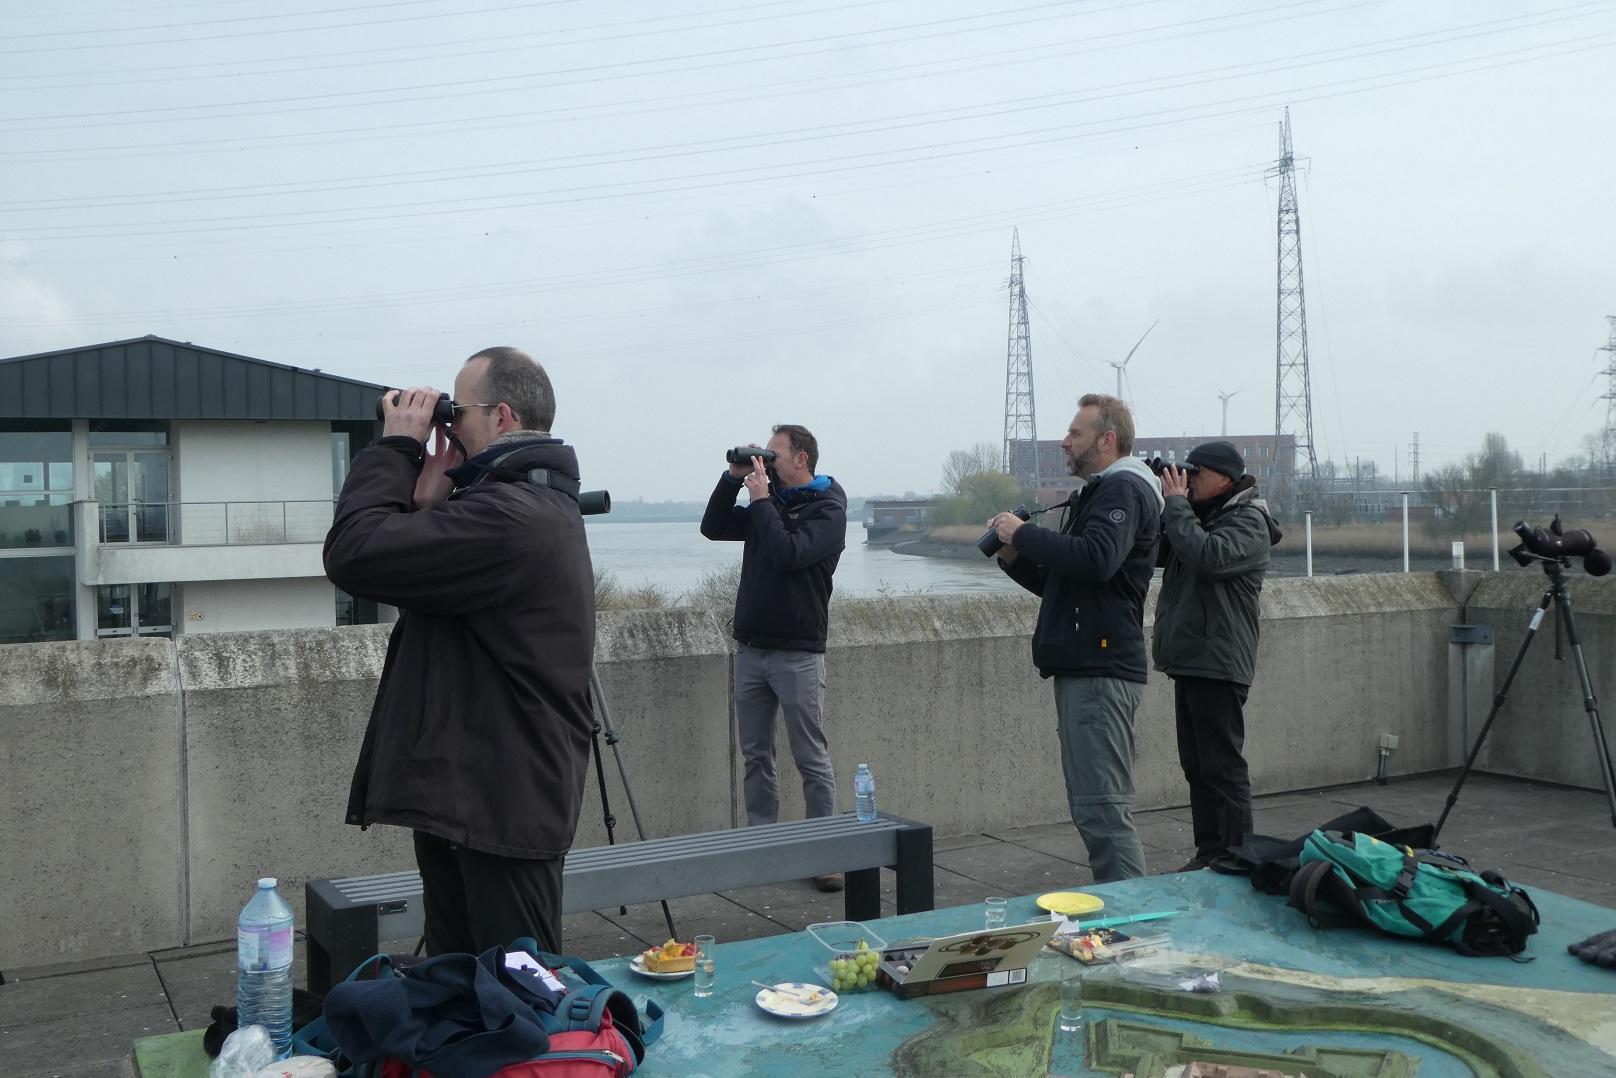 Trektellers Wouter, Kris, Ronan en Karel - foto: Erik De Keersmaecker